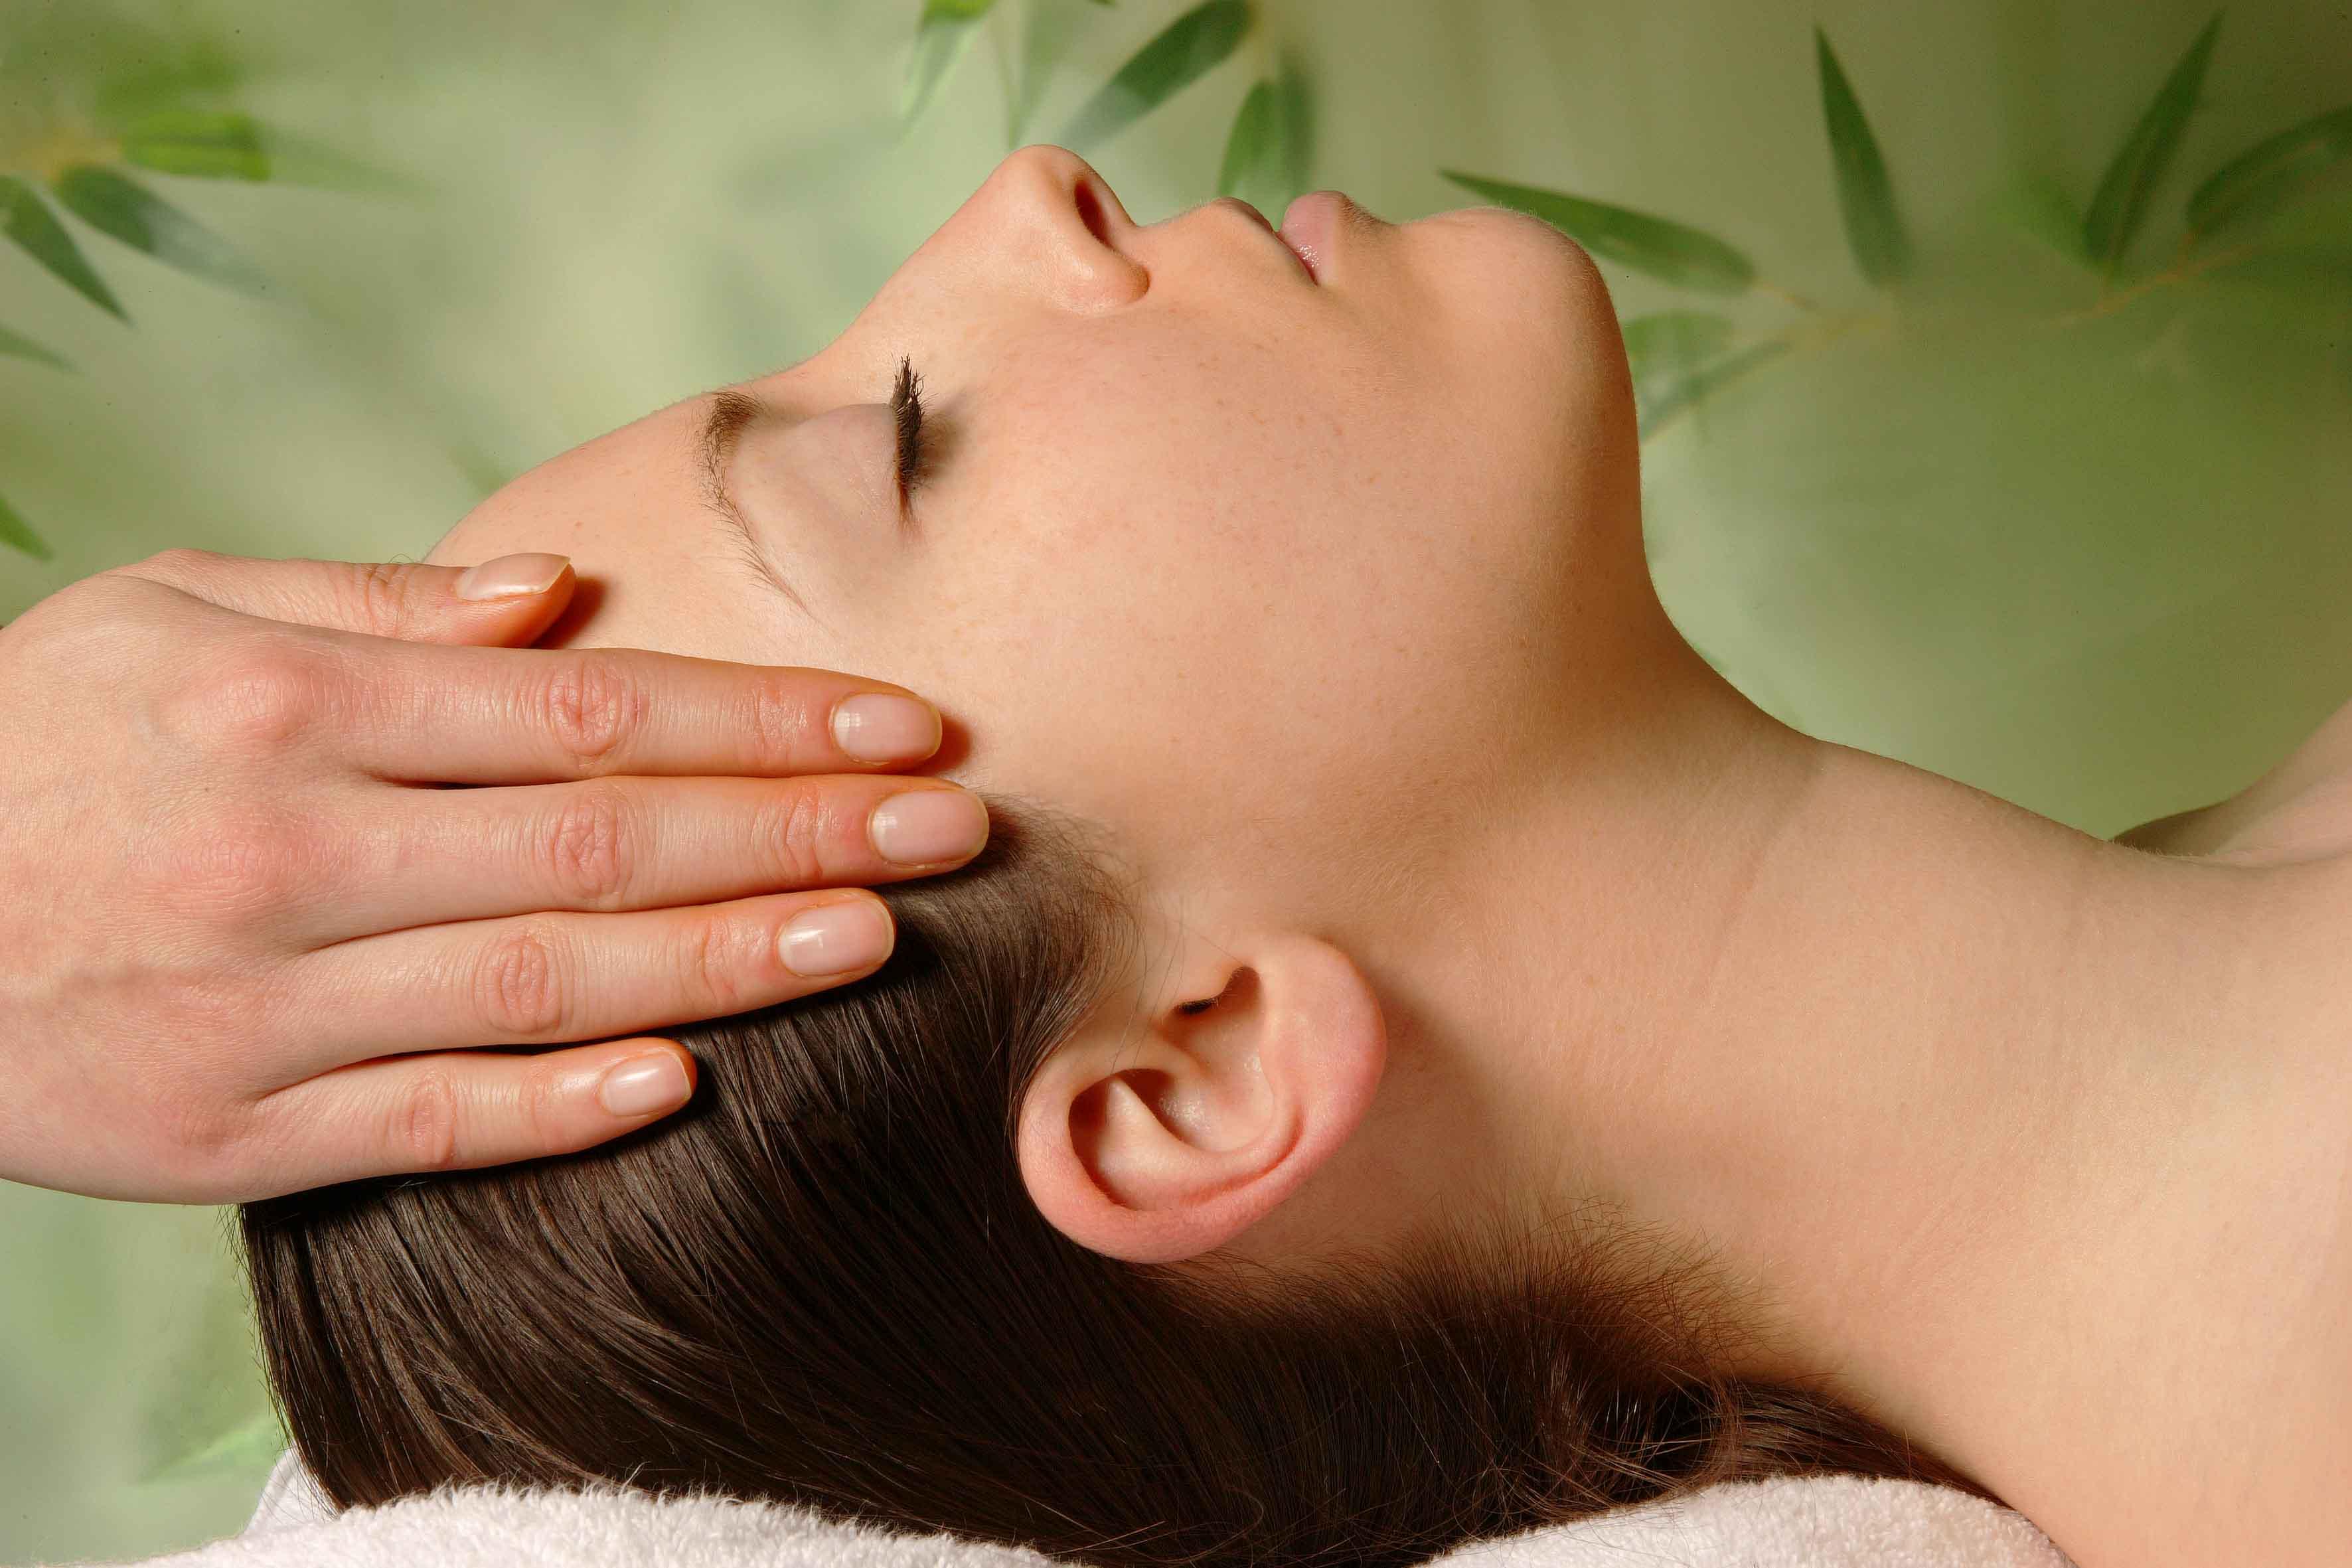 Круговые движения при массаже головы